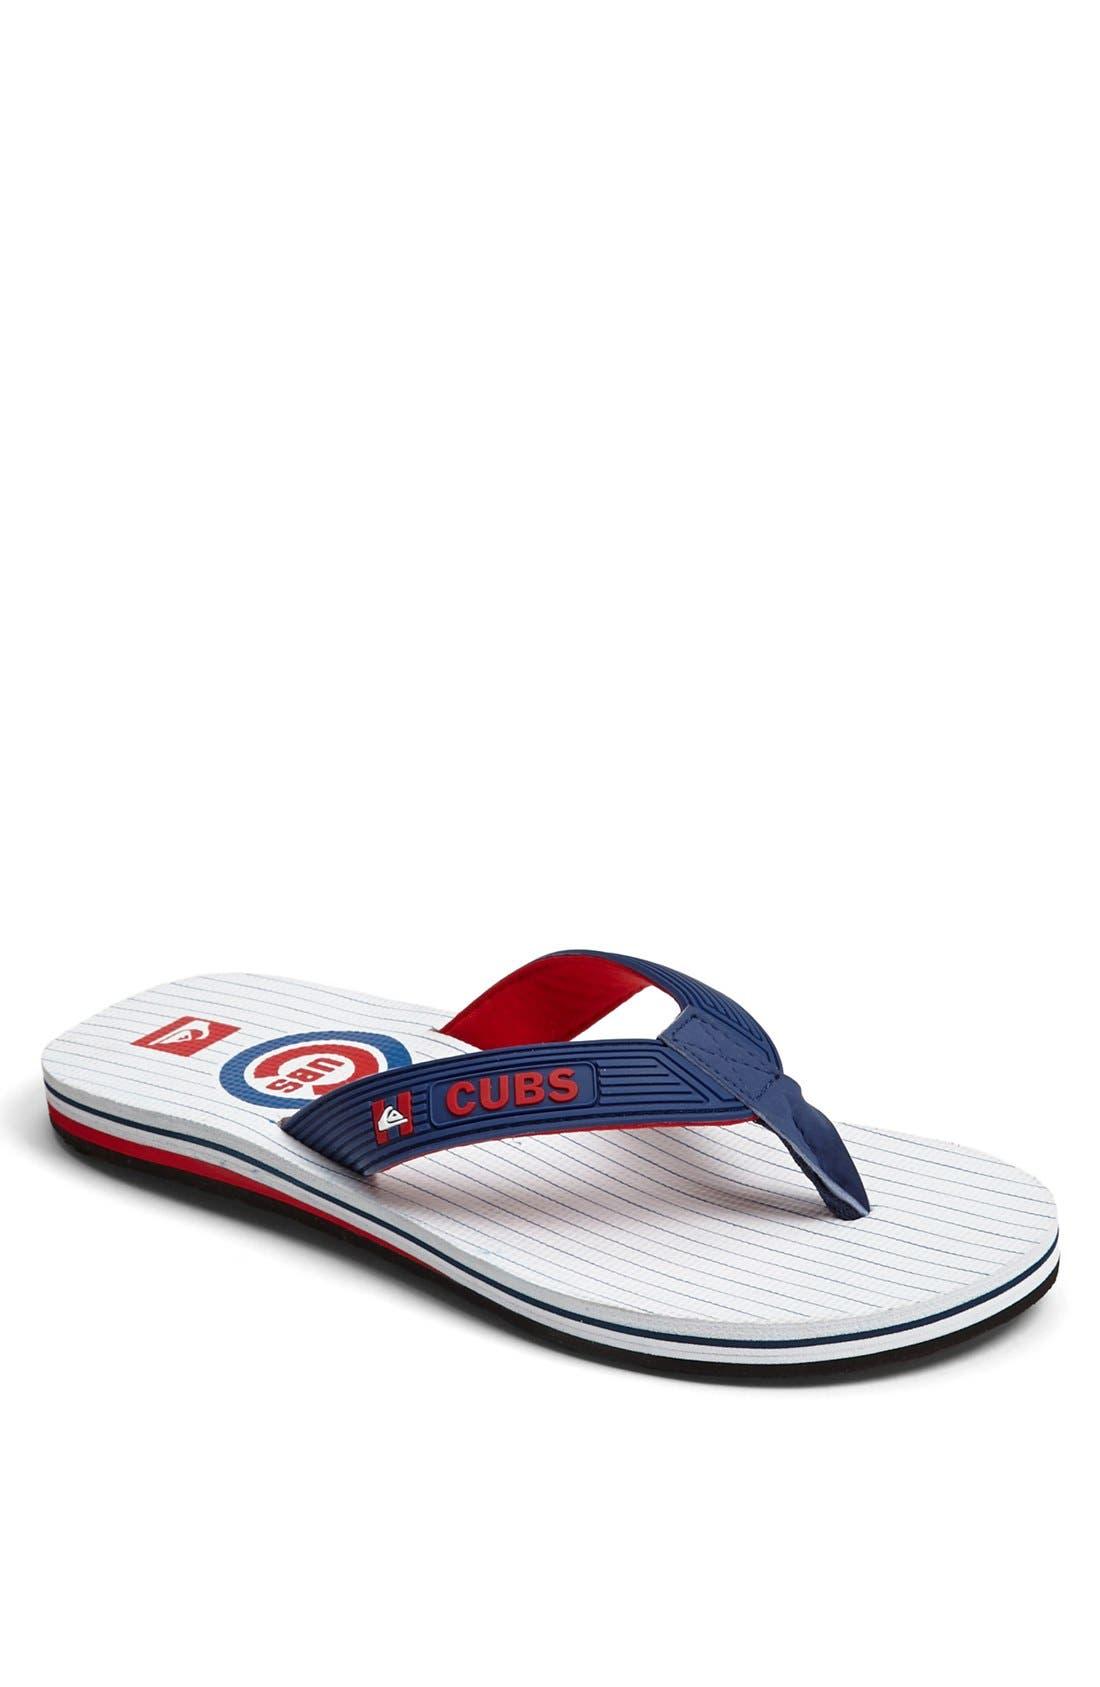 Main Image - Quiksilver 'MLB' Flip Flops (Men)